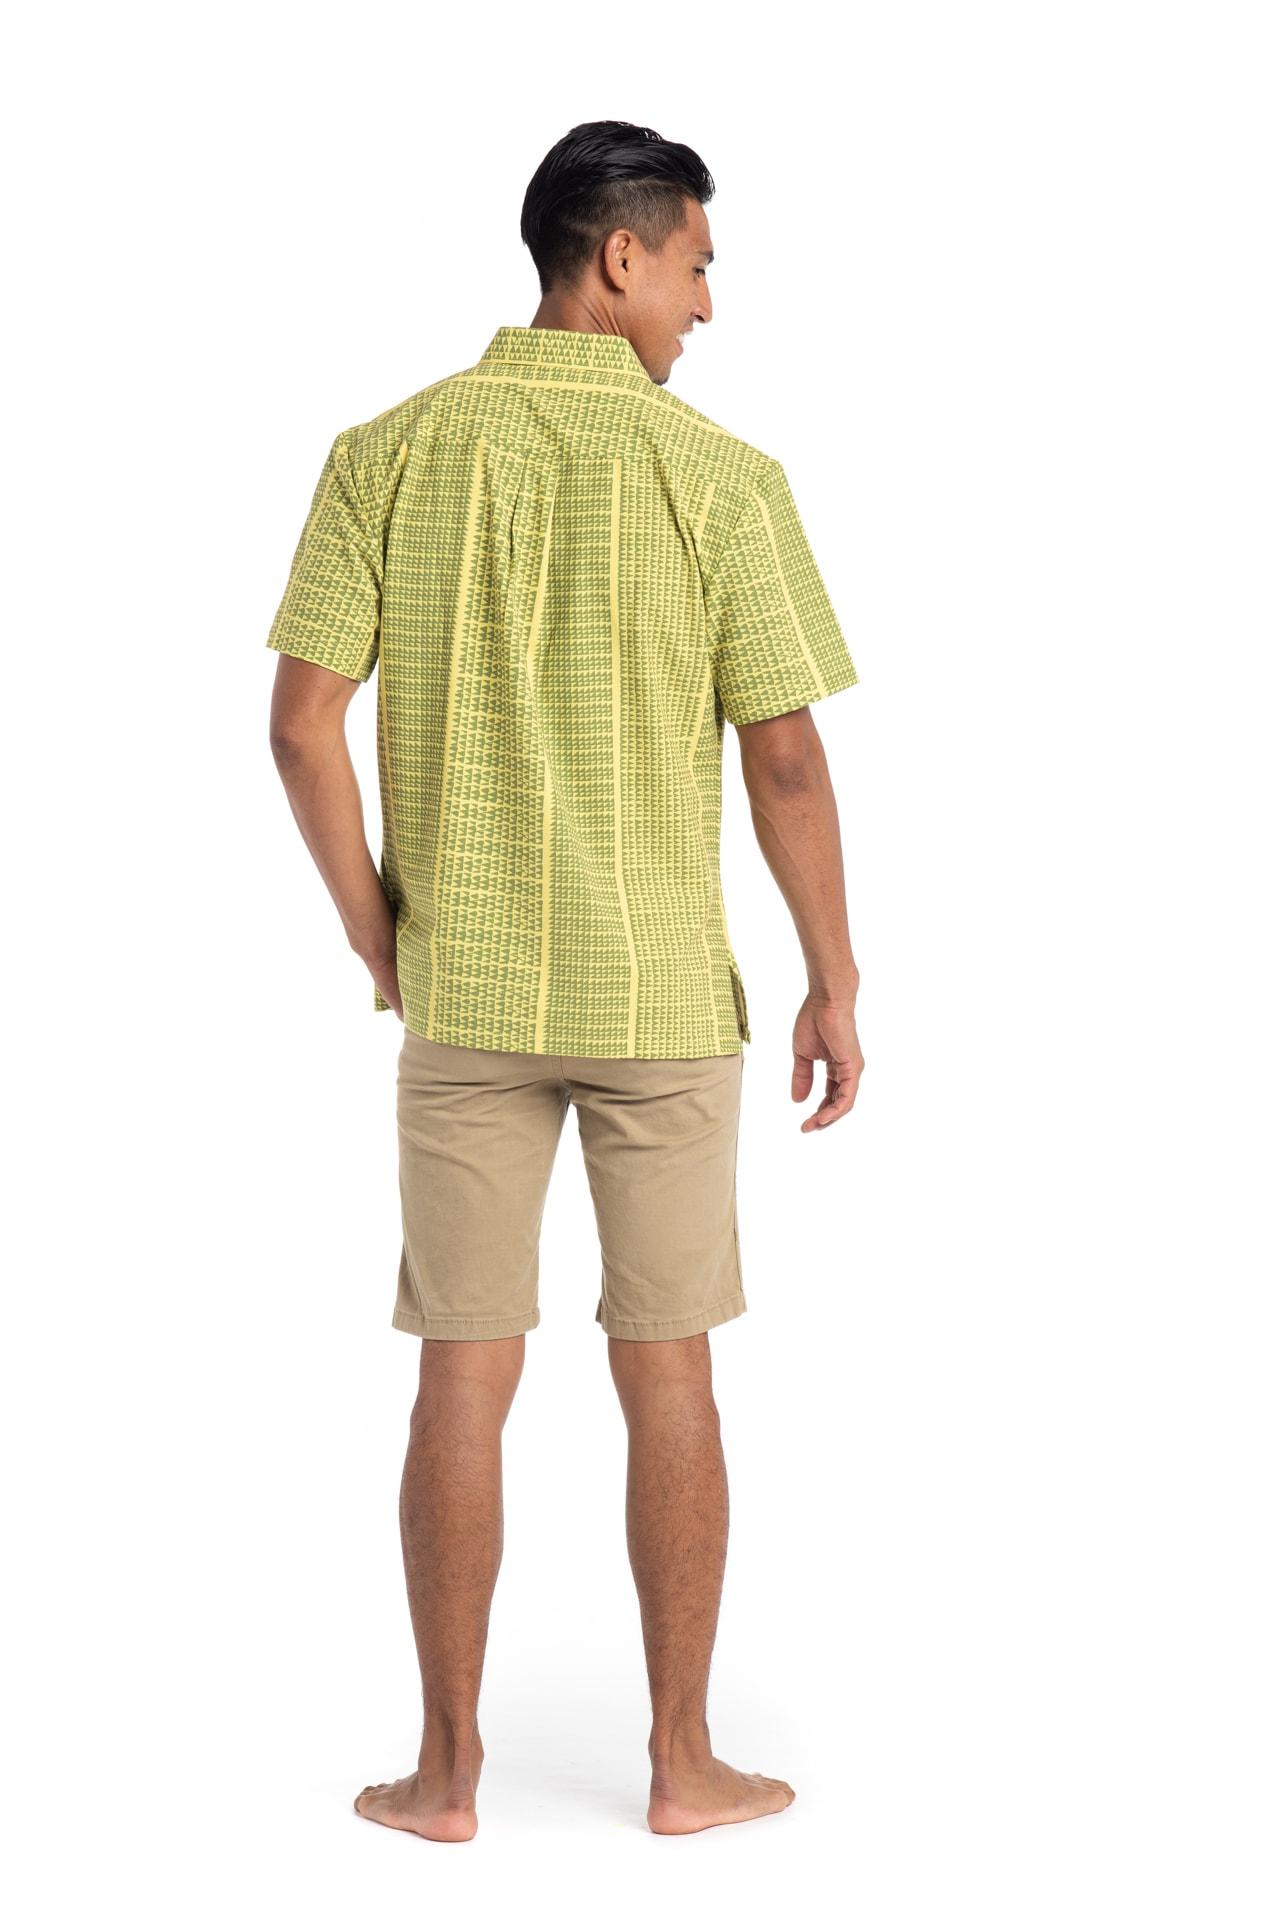 Male model wearing Mahalo Nui Shirt in Green Niho Ku - Back View